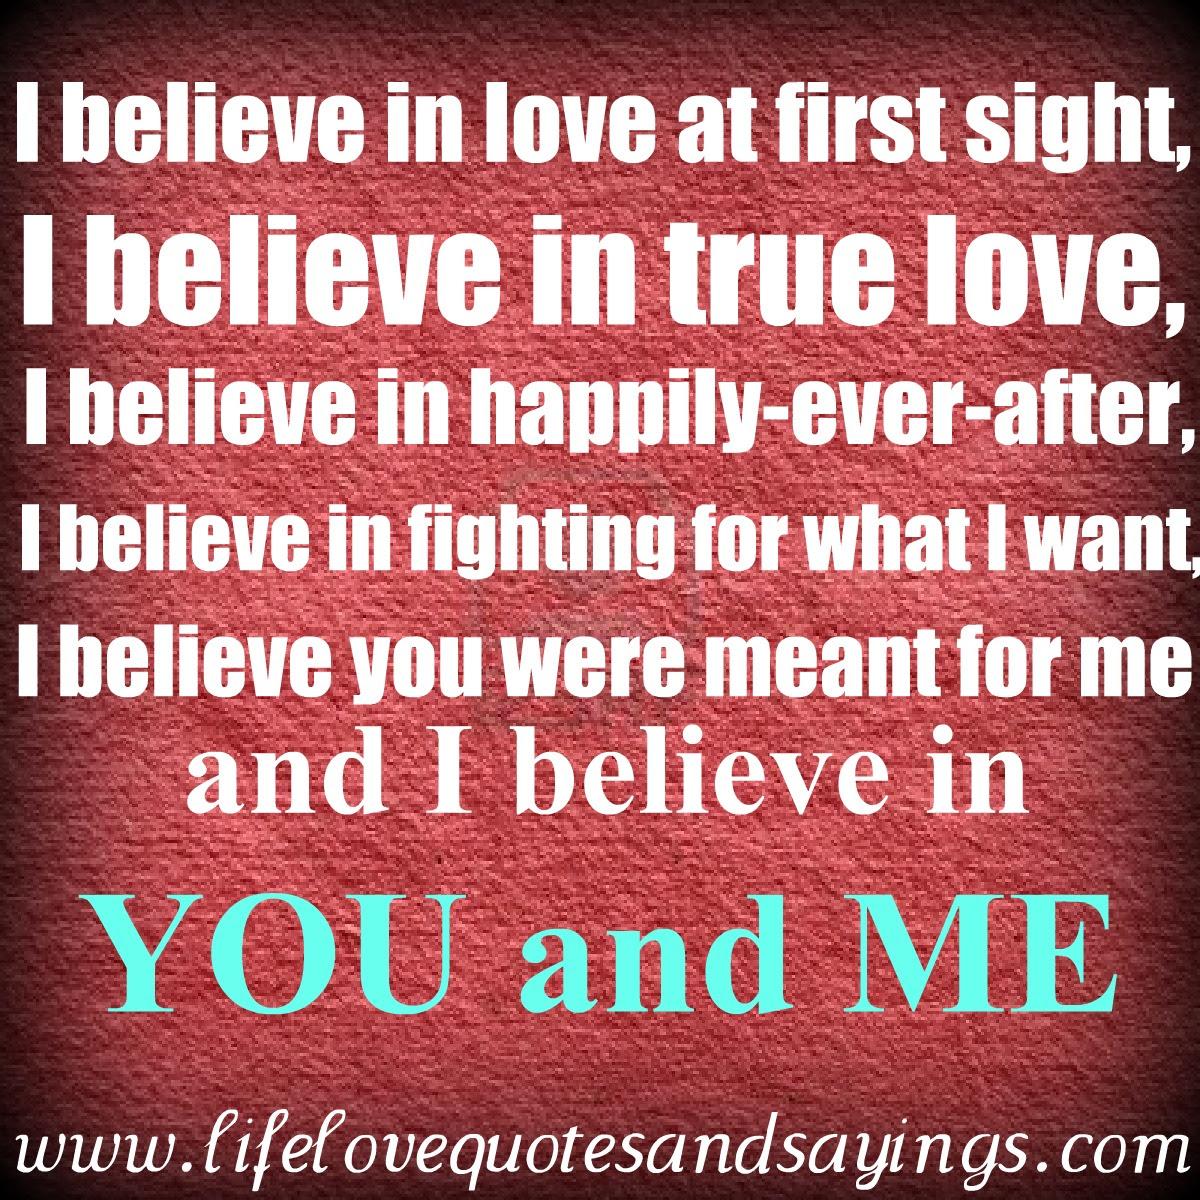 true love essay essay on love at first sight teodor ilincai love at first sight essay